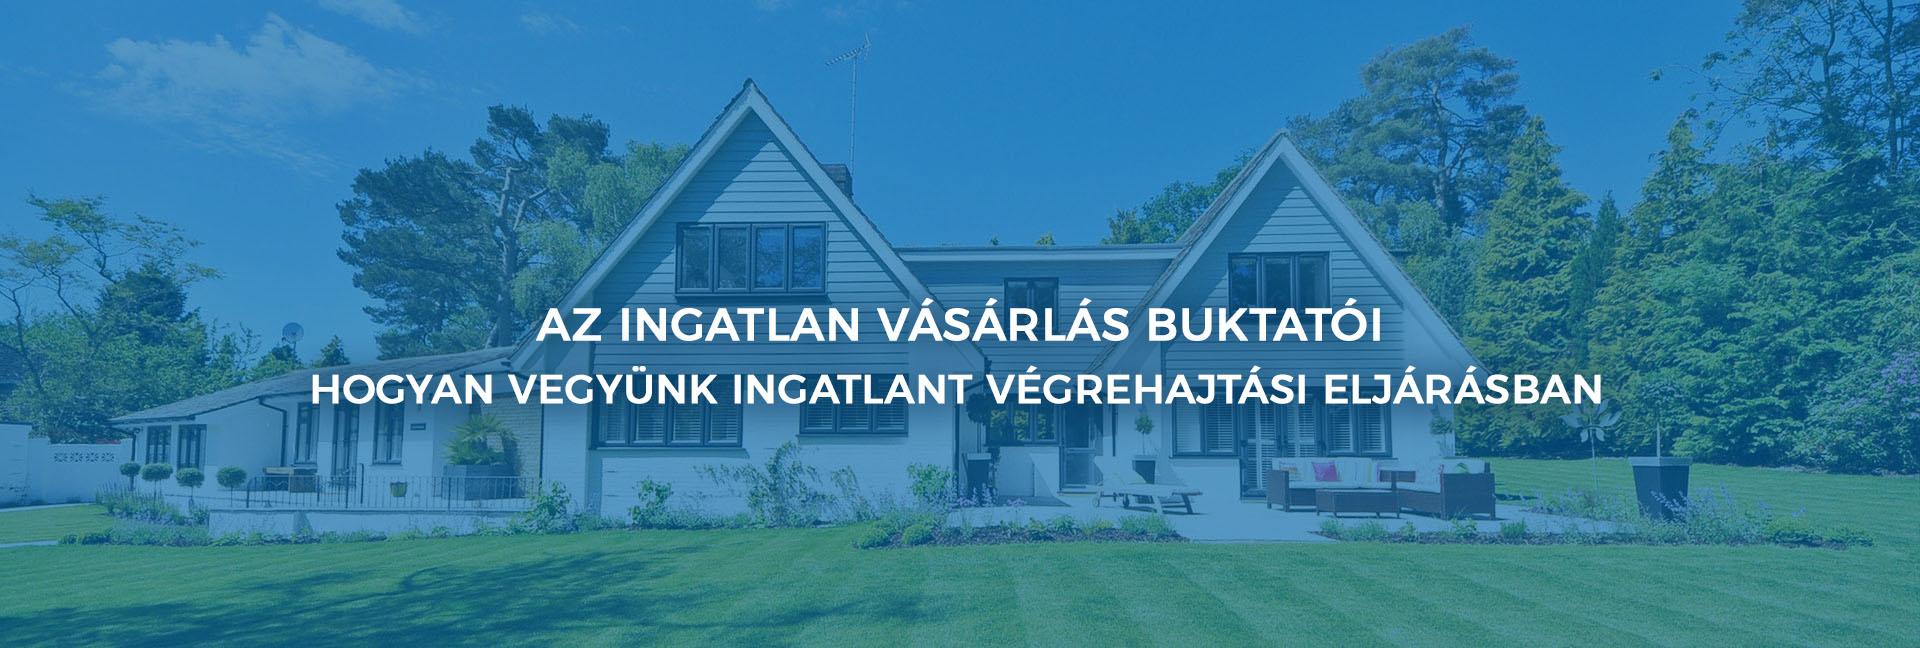 fb0ae004b6 Az ingatlan vásárlás buktatói – hogyan vegyünk ingatlant végrehajtási  eljárásban